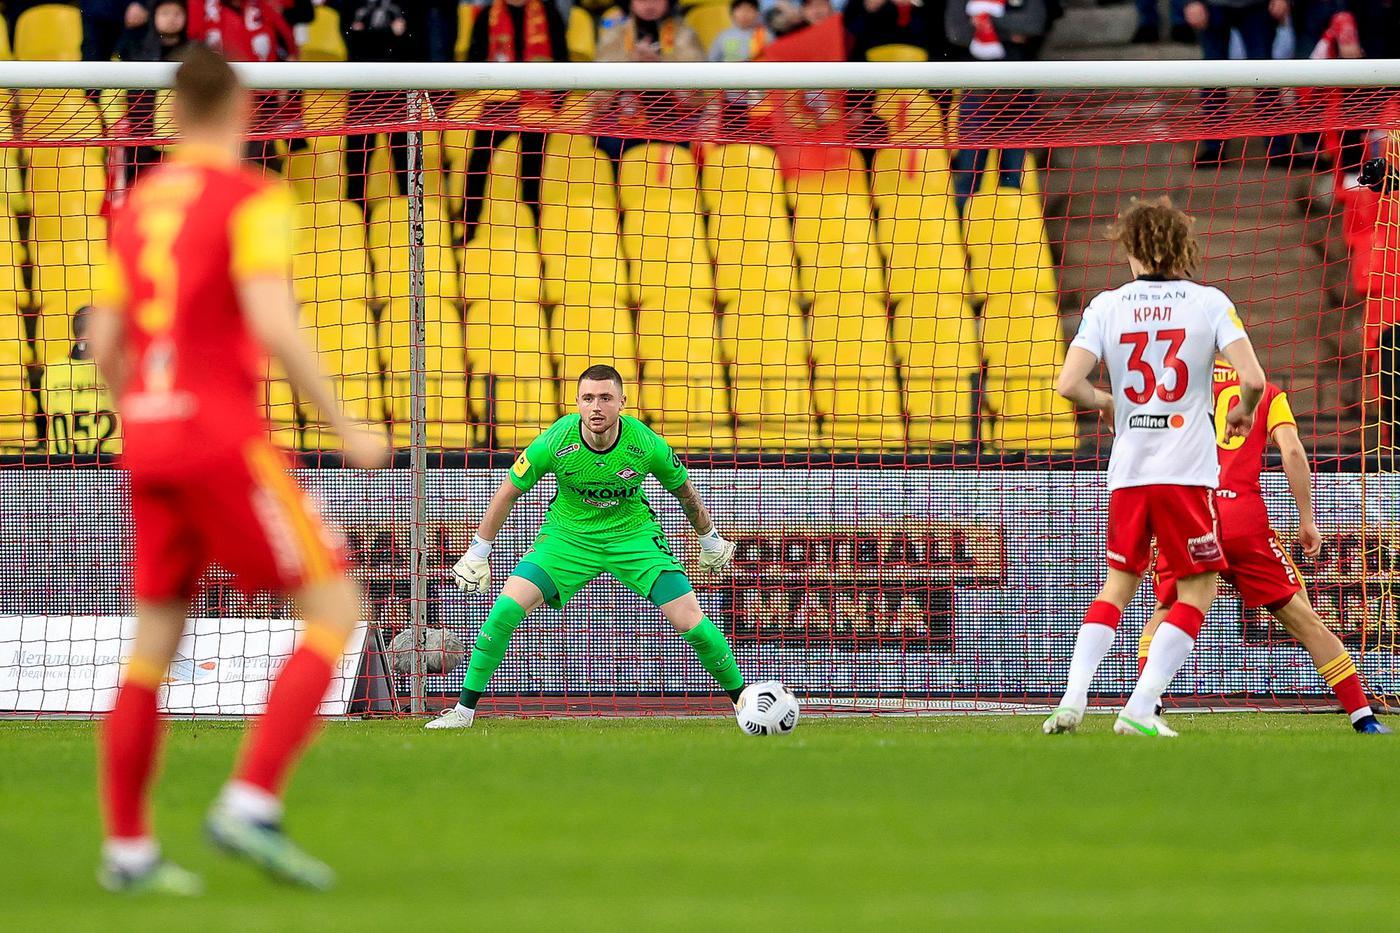 В Спартаке отреагировали на возможный трансфер Селихова в «Рубин» - фото